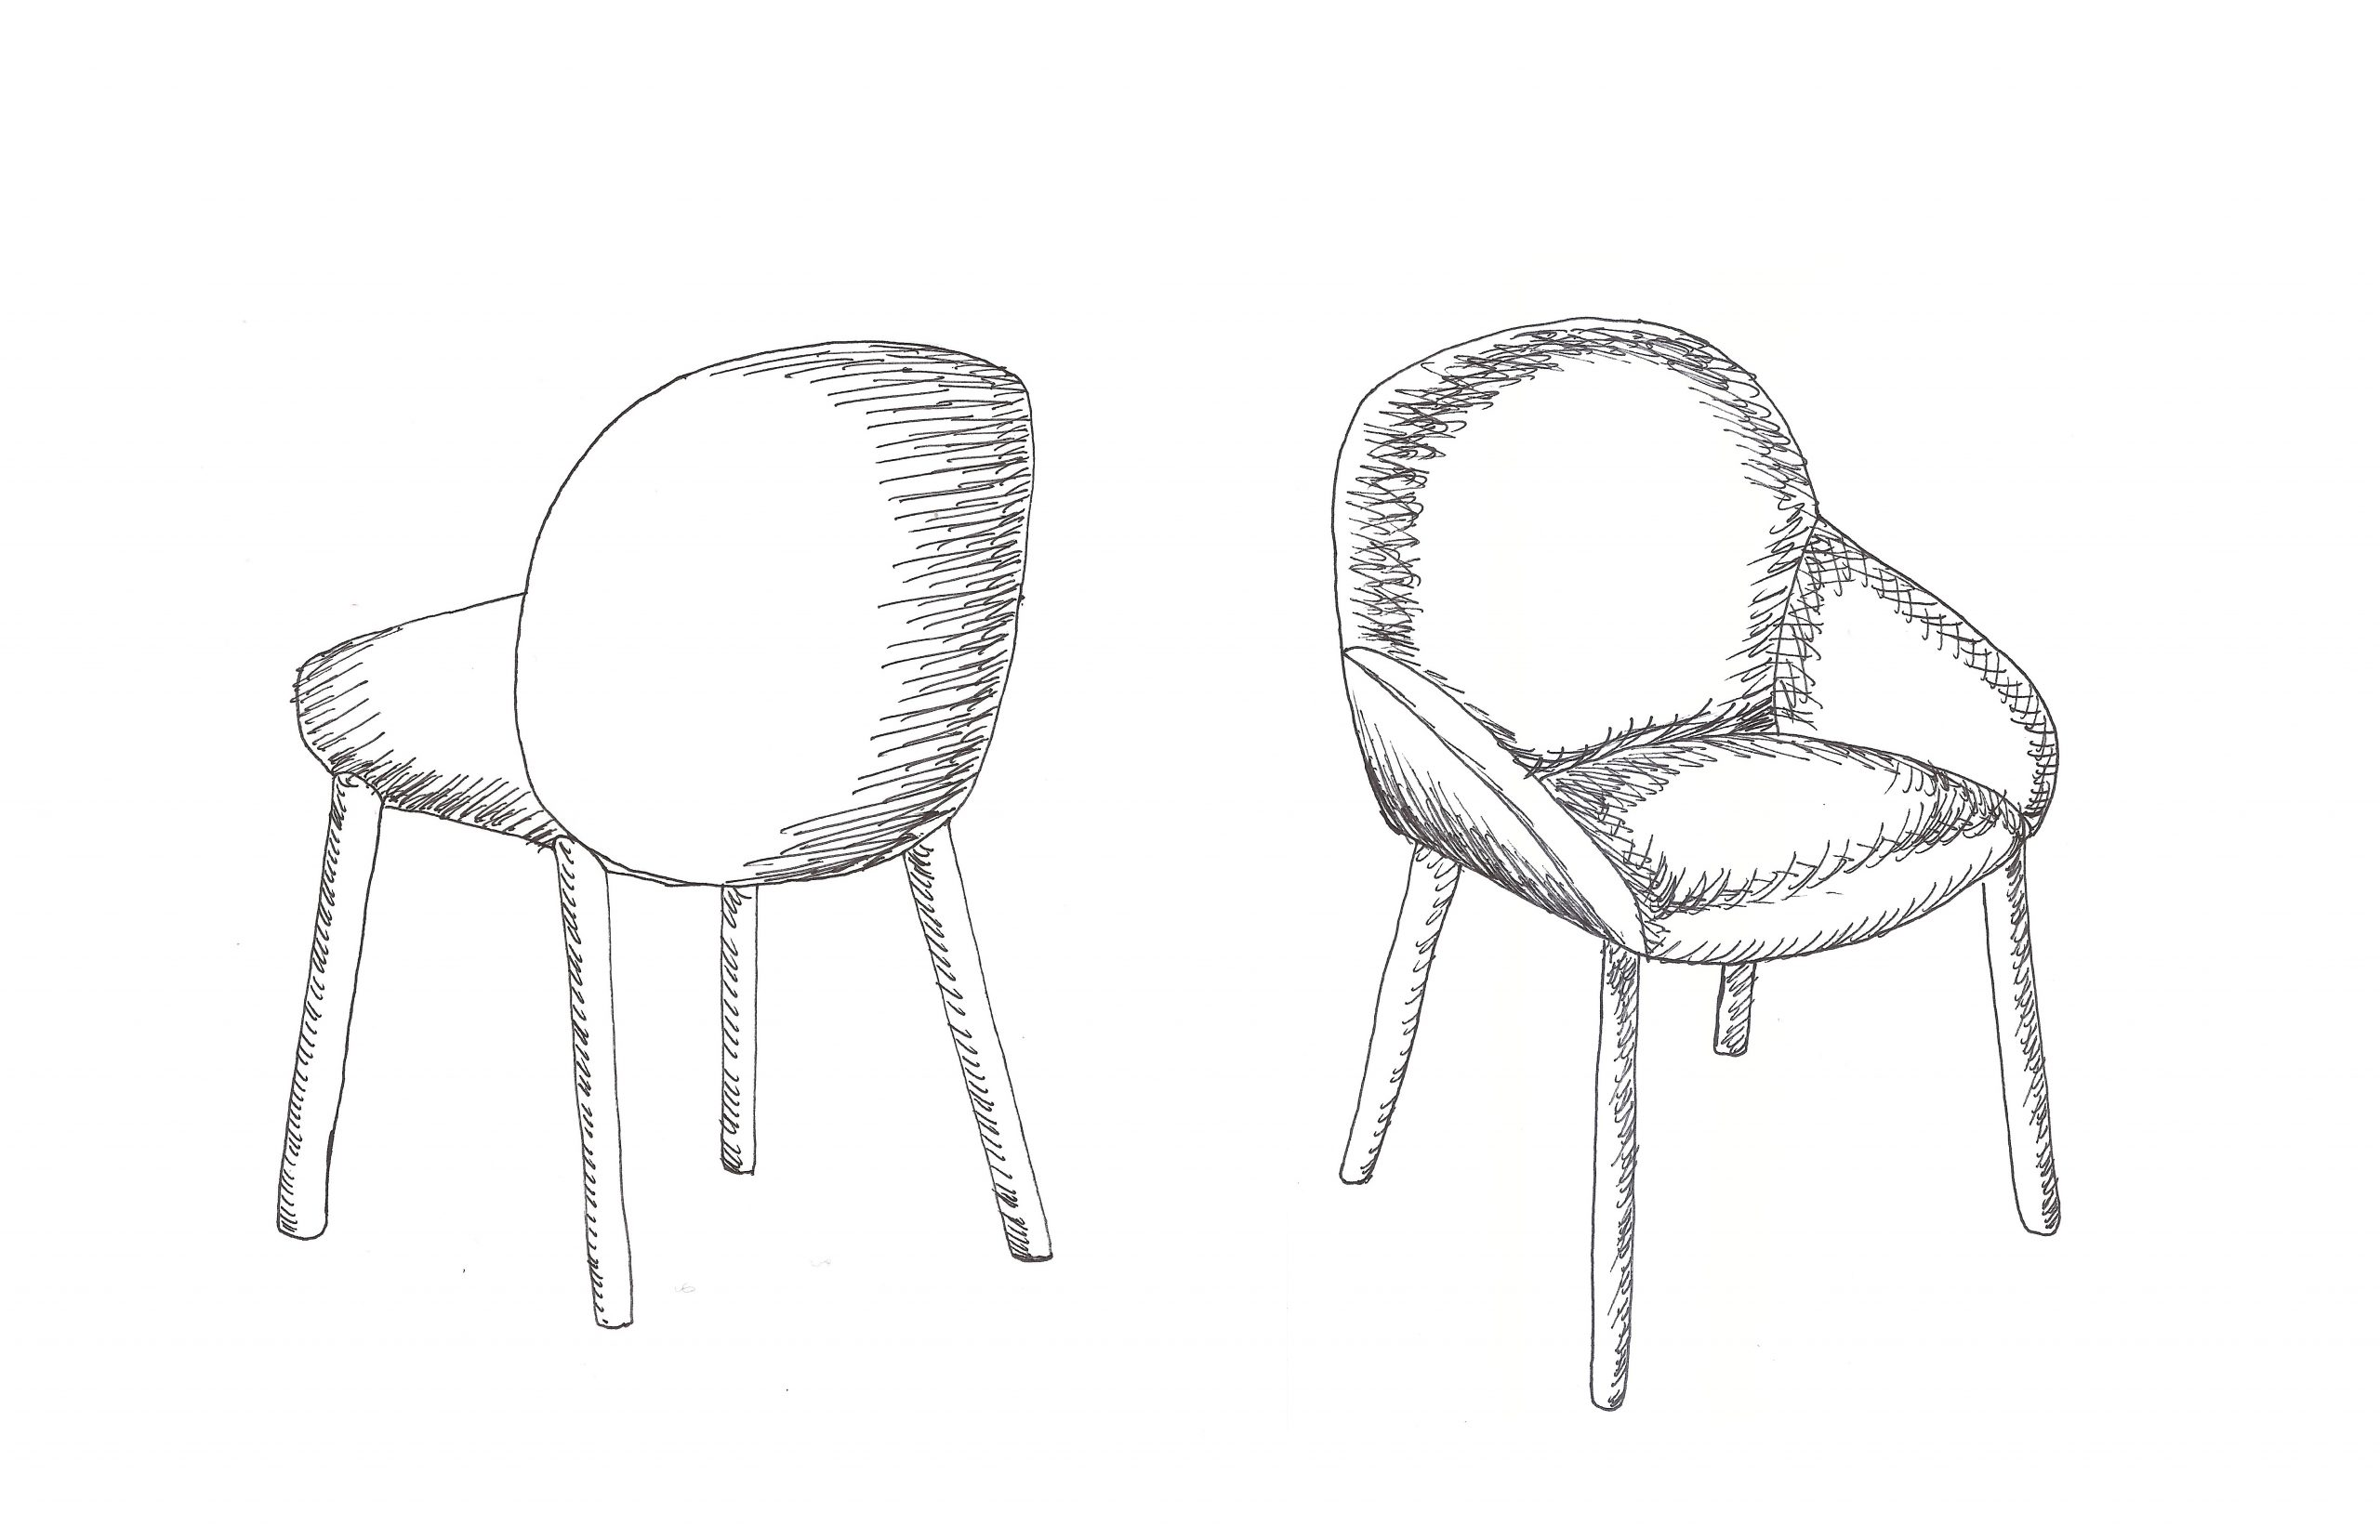 Sketch drawing of Elba chair by Debiasi Sandri